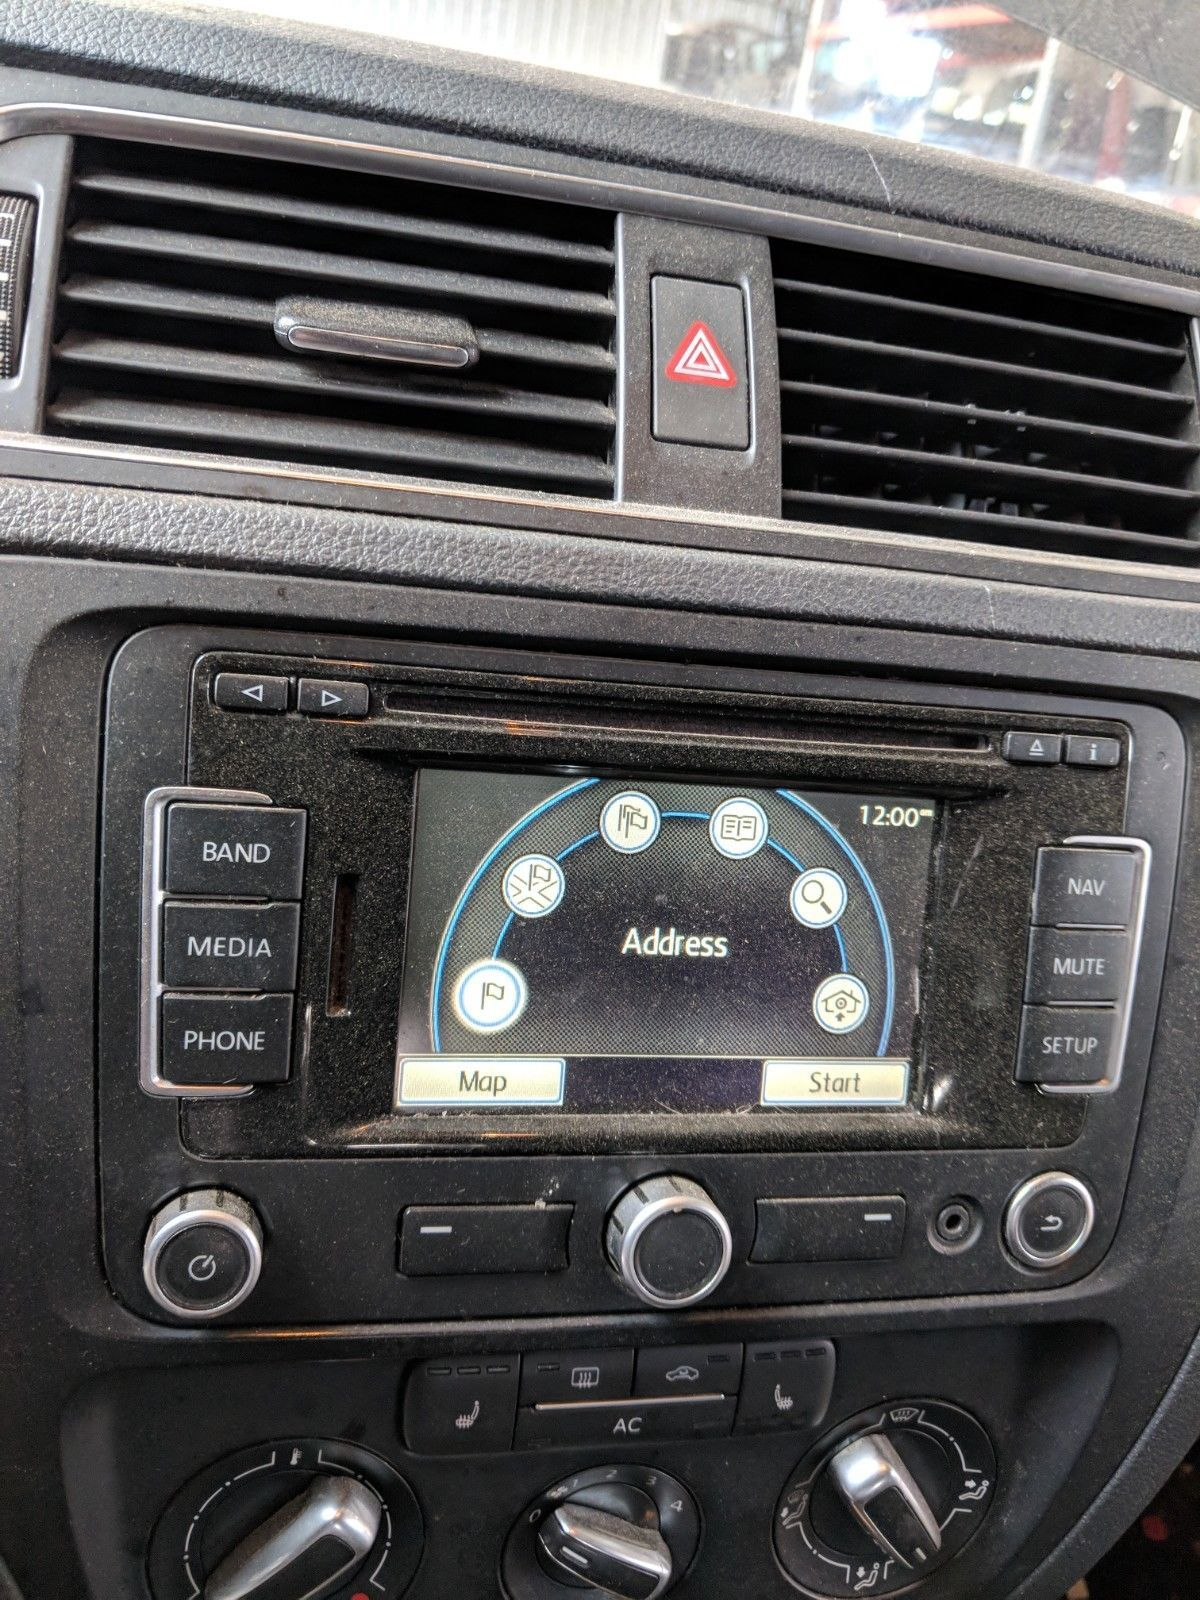 2007 2011 vw volkswagen gps navigation sat radio cd. Black Bedroom Furniture Sets. Home Design Ideas